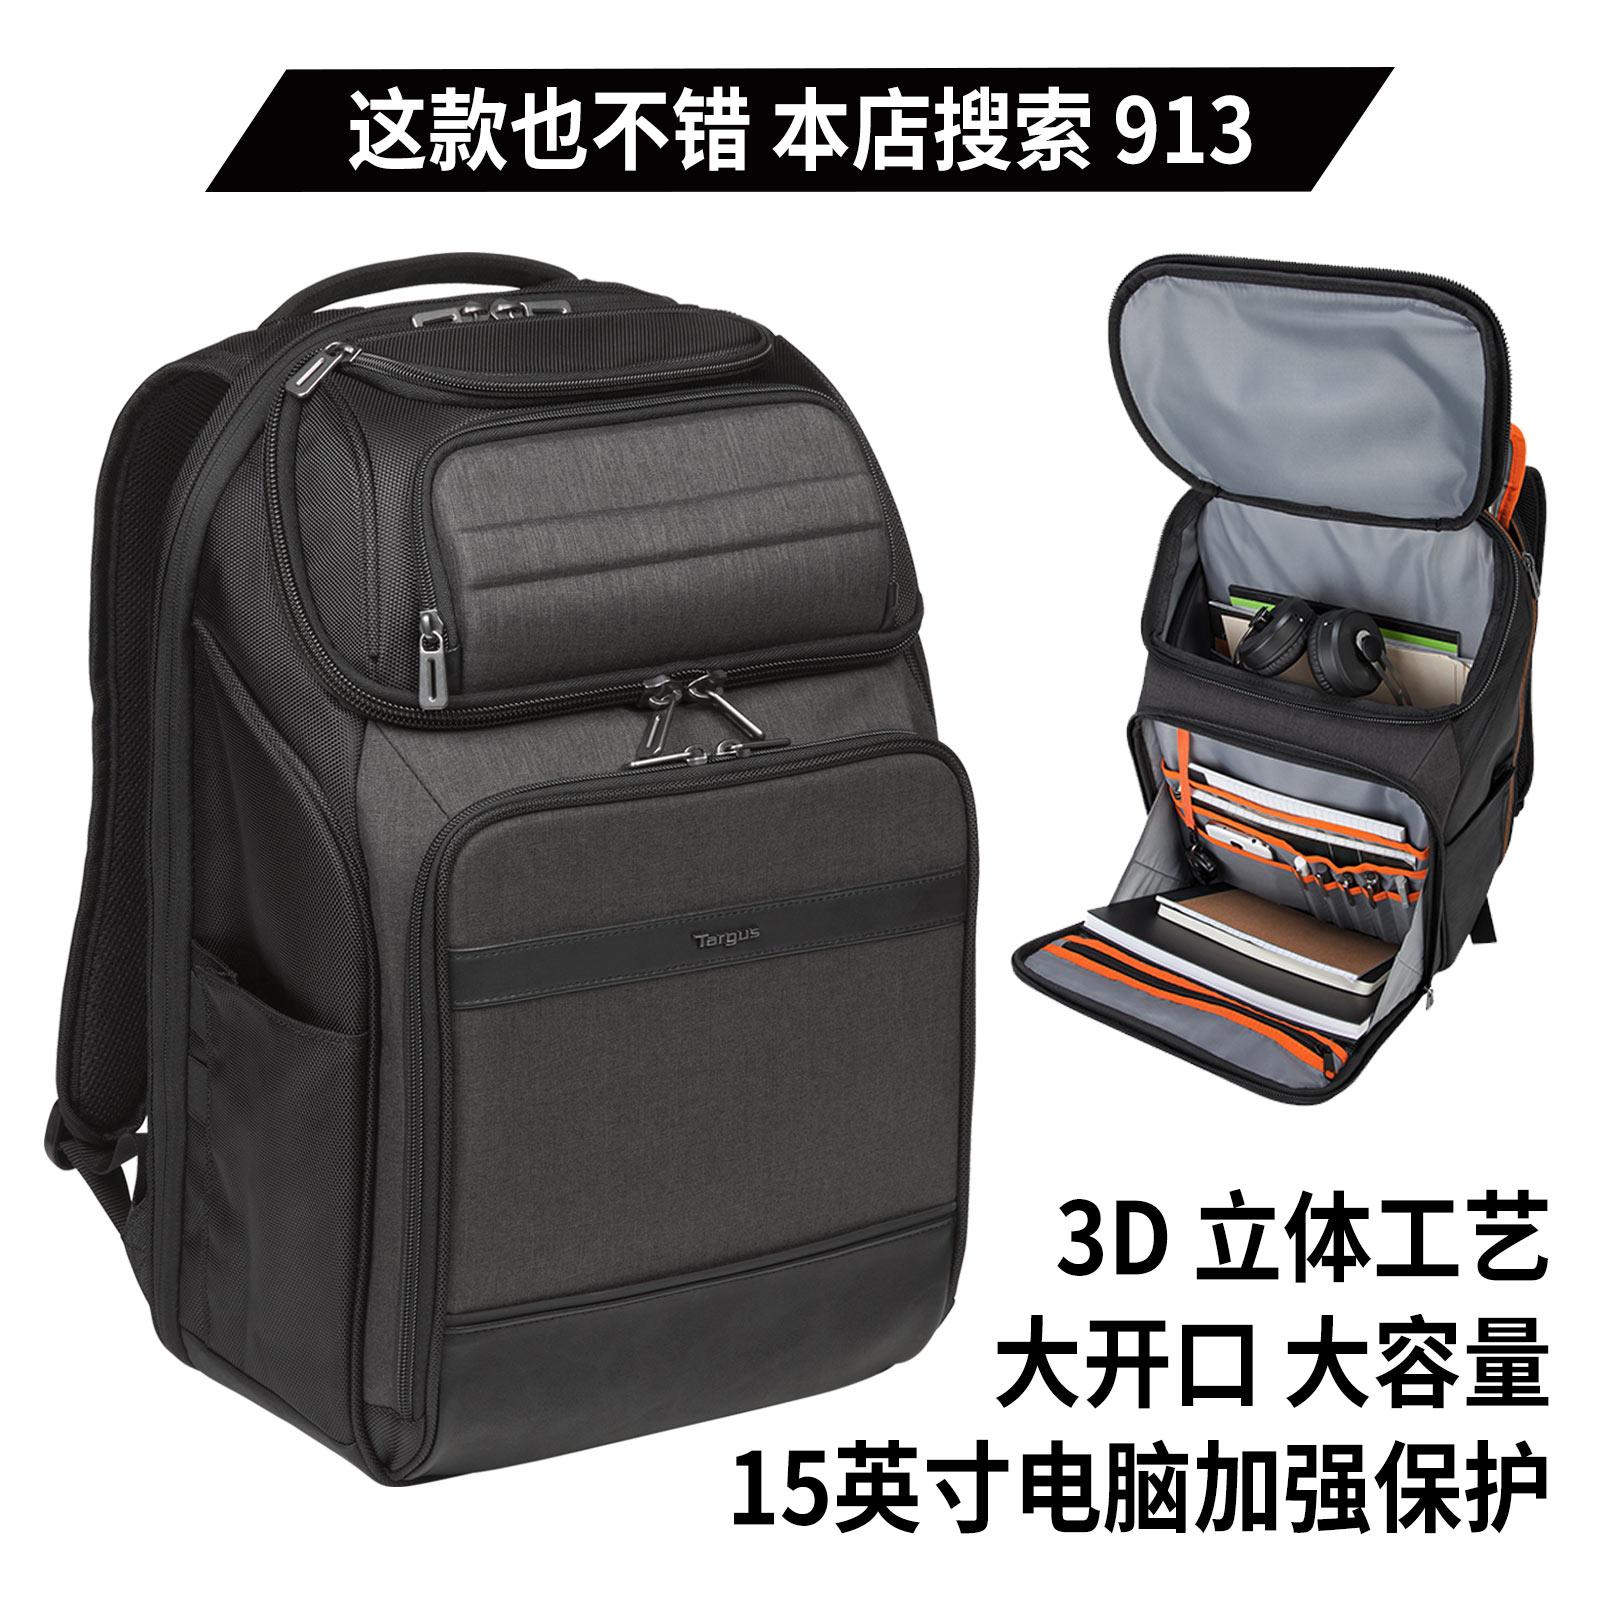 Targus/泰格斯15.6寸笔记本电脑包双肩包通勤大容量休闲书包男822